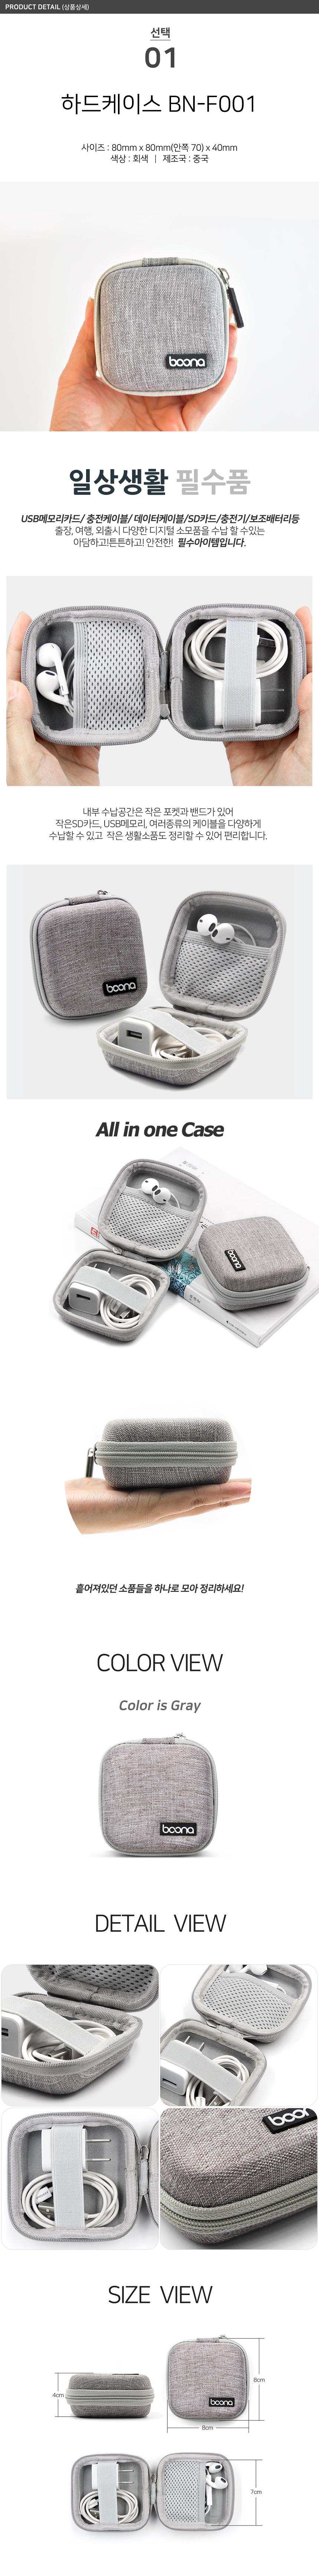 디지털파우치 - 온판, 7,500원, 휴대아이템, 휴대다용도케이스